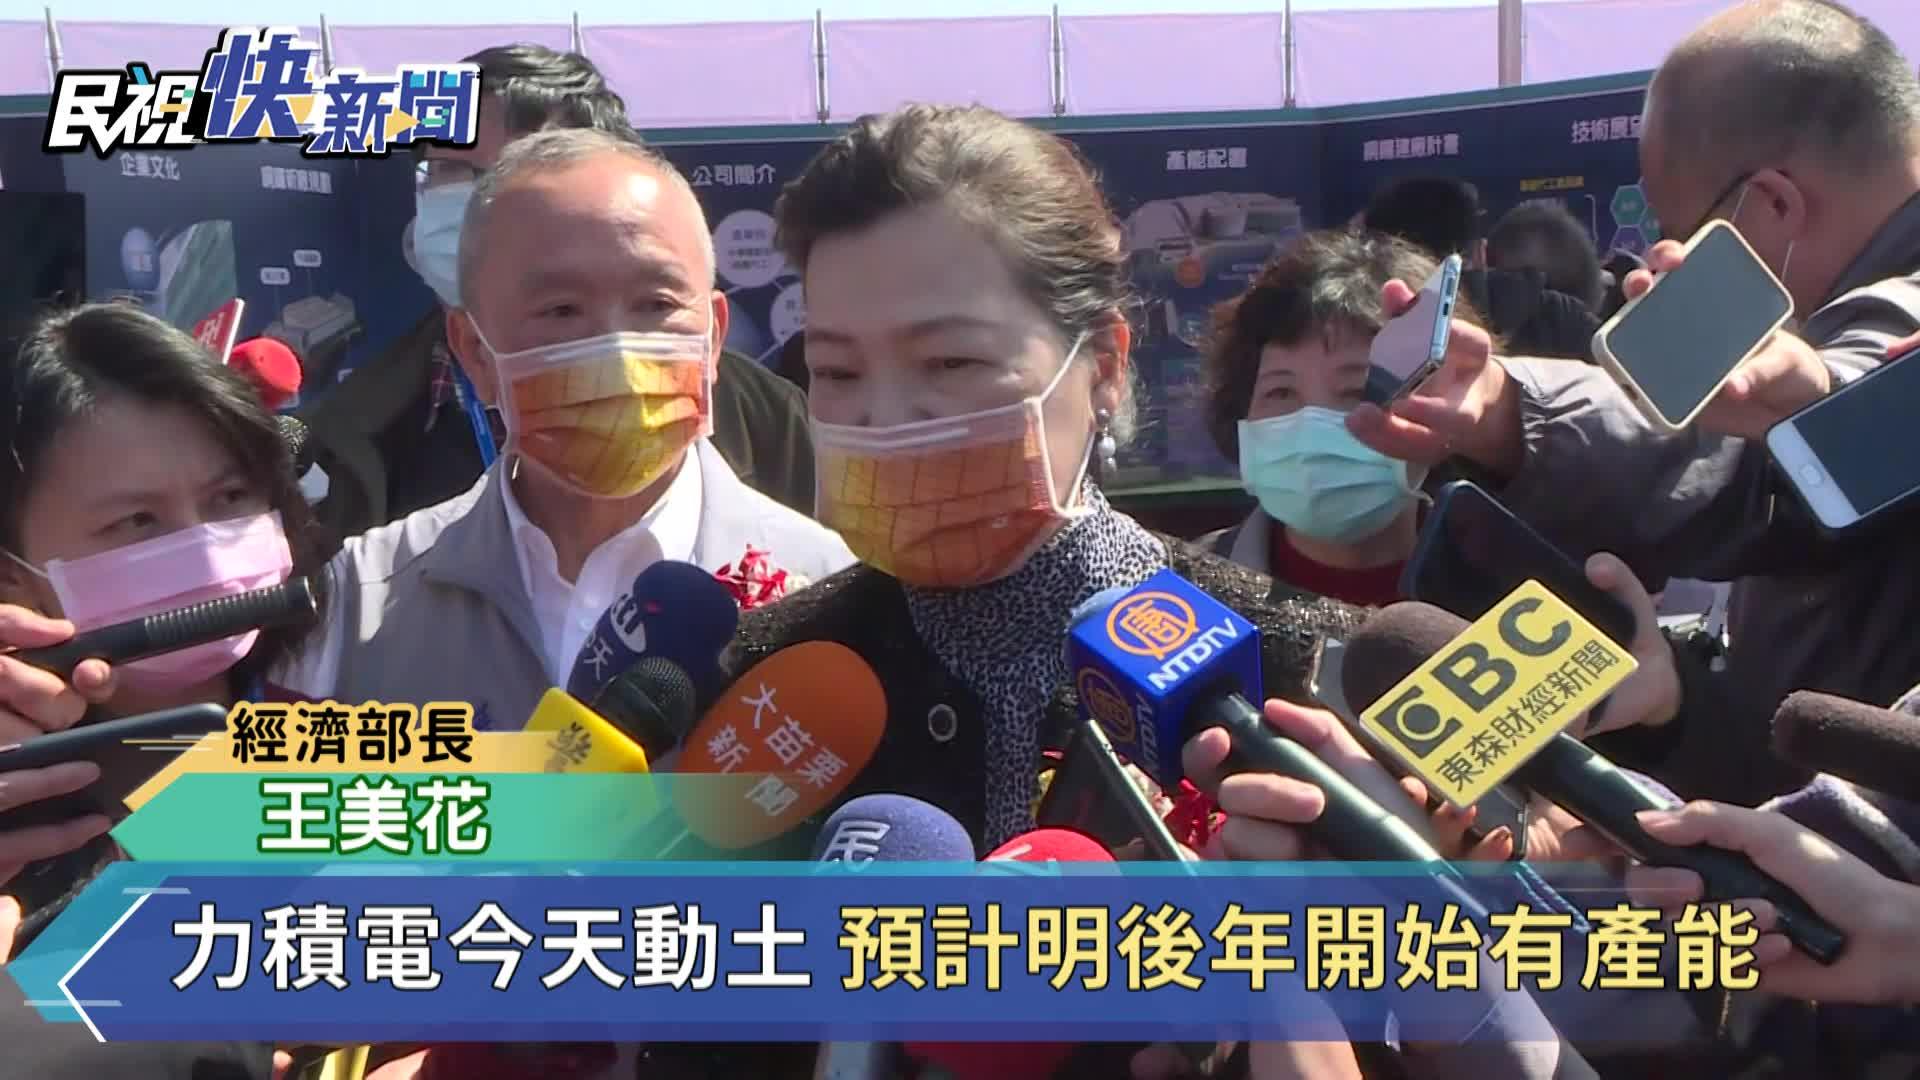 快新聞/力積電銅鑼12吋廠今動土 王美花:有詳細水電配置規劃